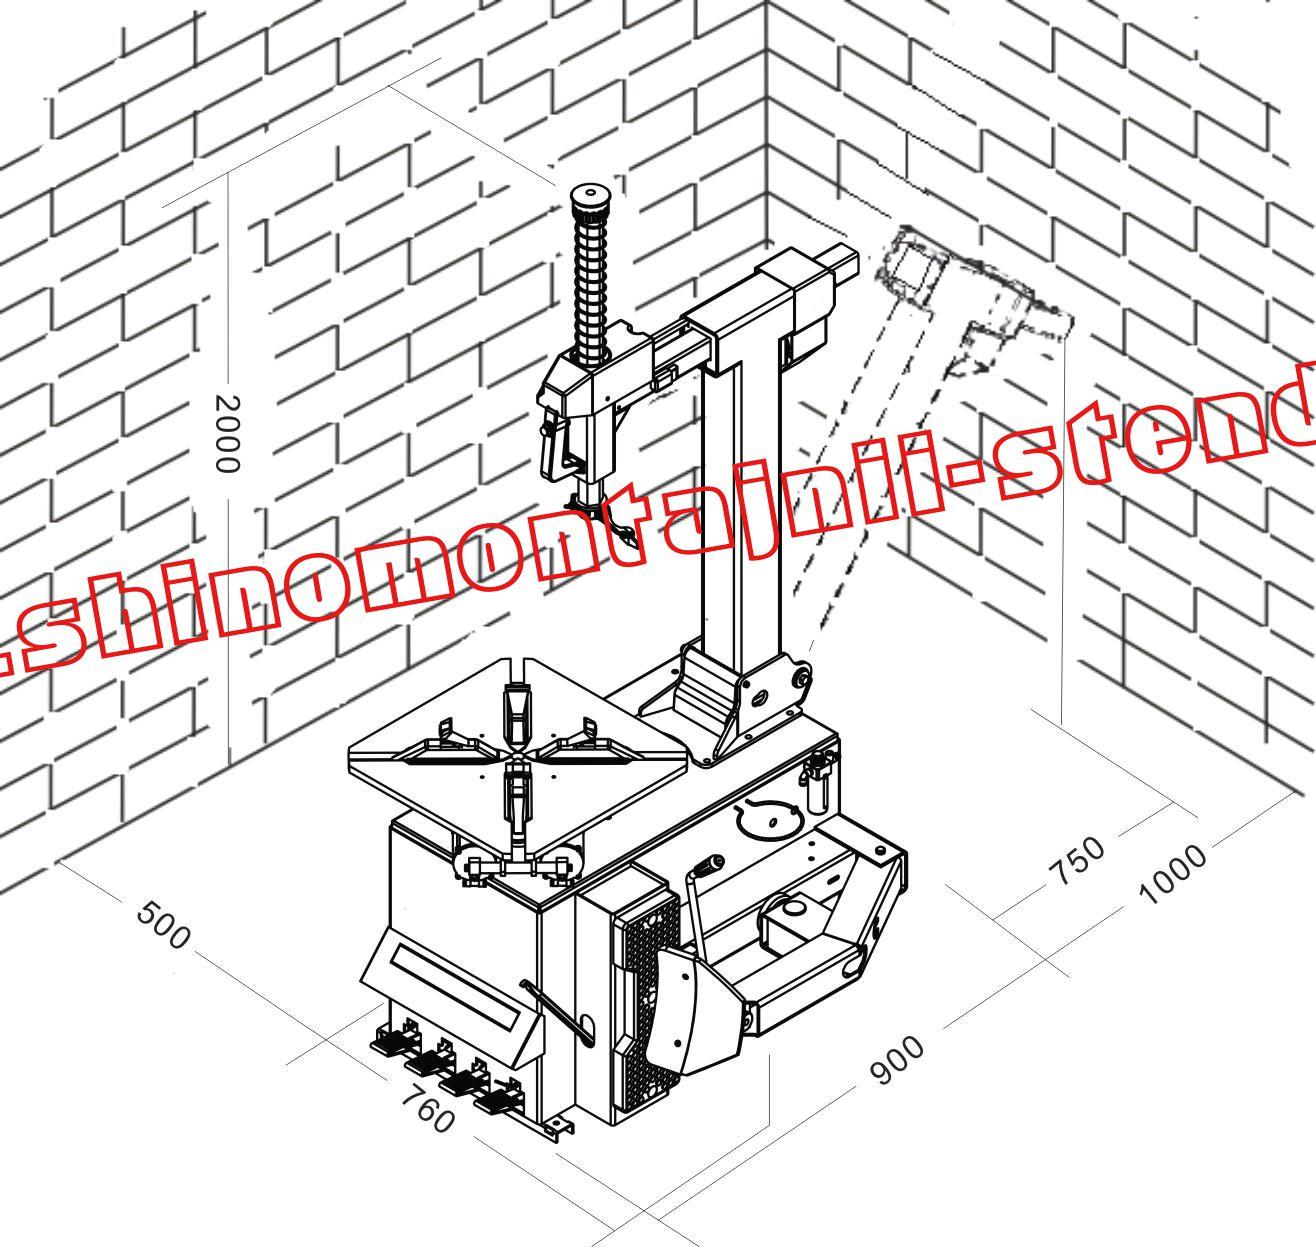 инструкция по обслуживанию шиномонтажного станка троммельберг